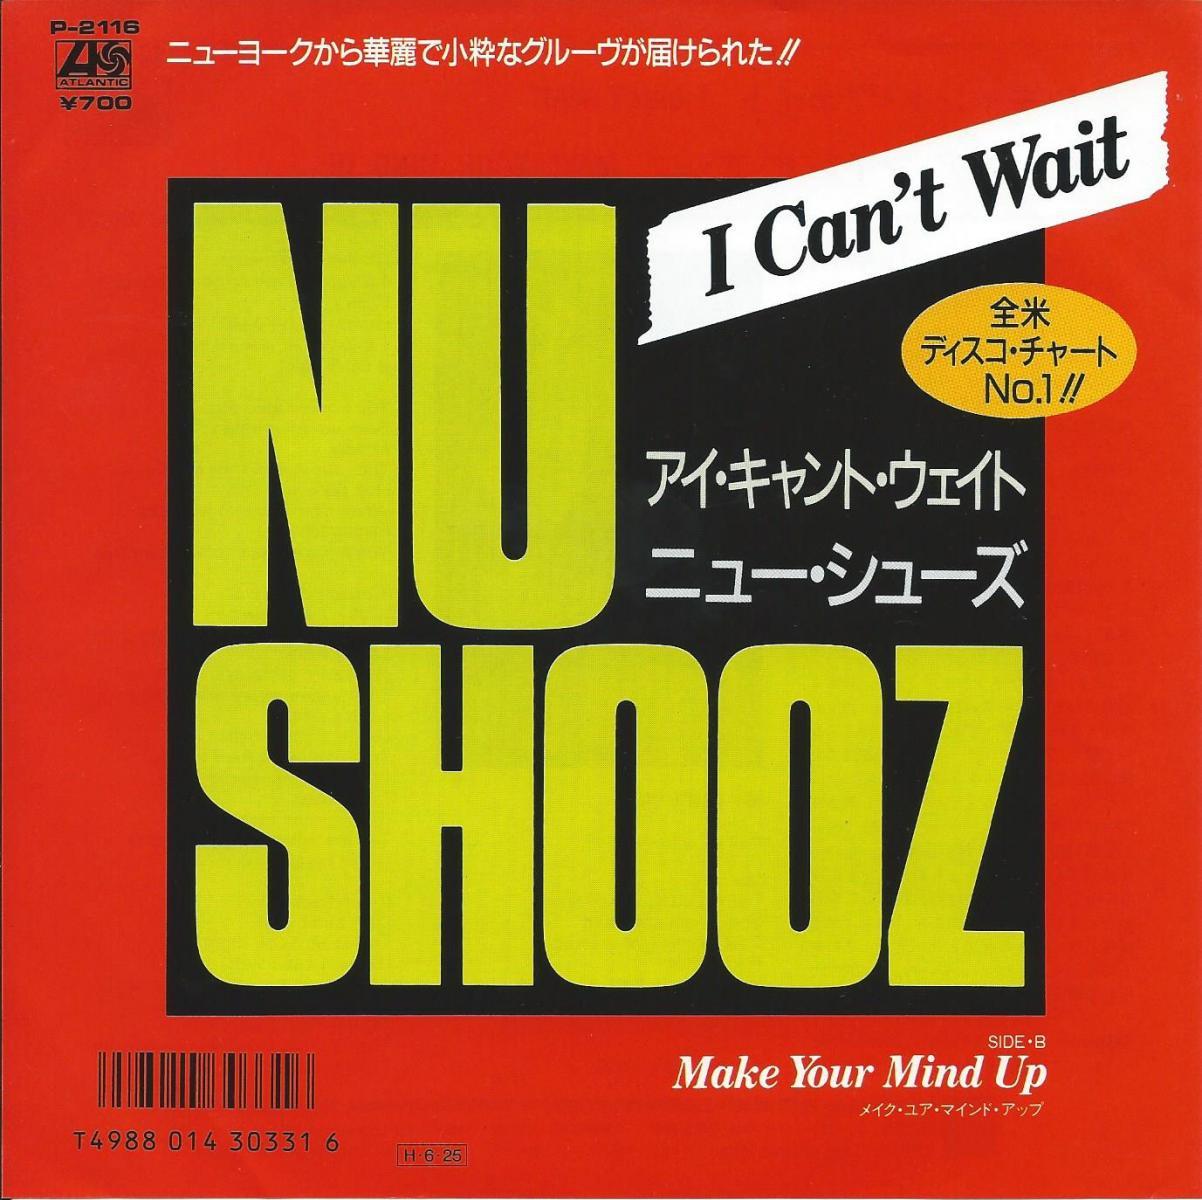 ニュー・シューズ NU SHOOZ / アイ・キャント・ウェイト I CAN'T WAIT (7